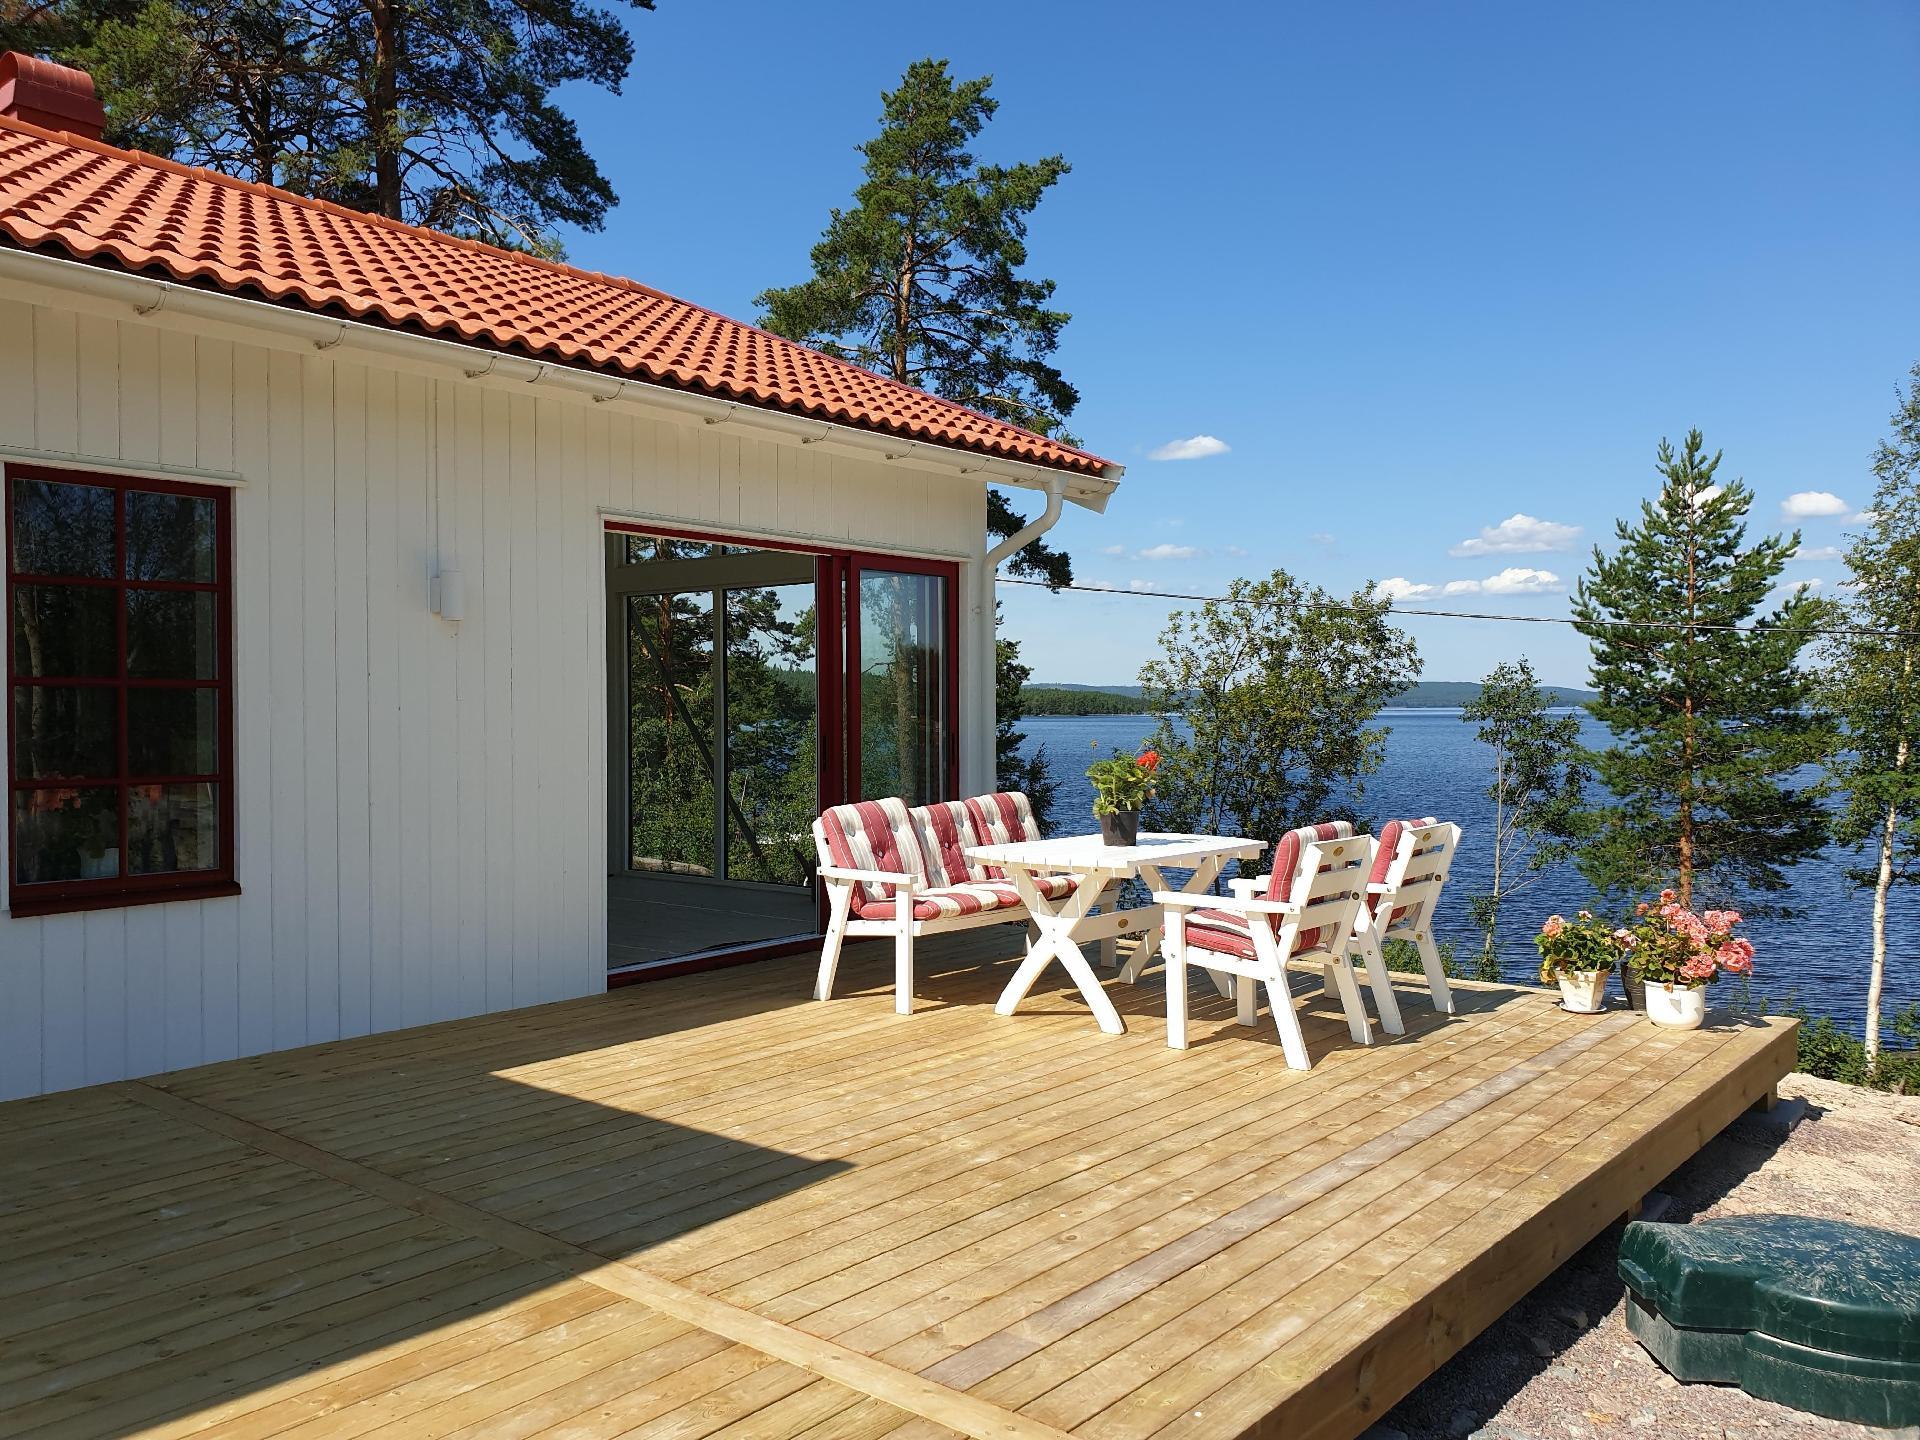 Ferienhaus für 5 Personen ca 100 m² in Falun Mittelschweden See Runn